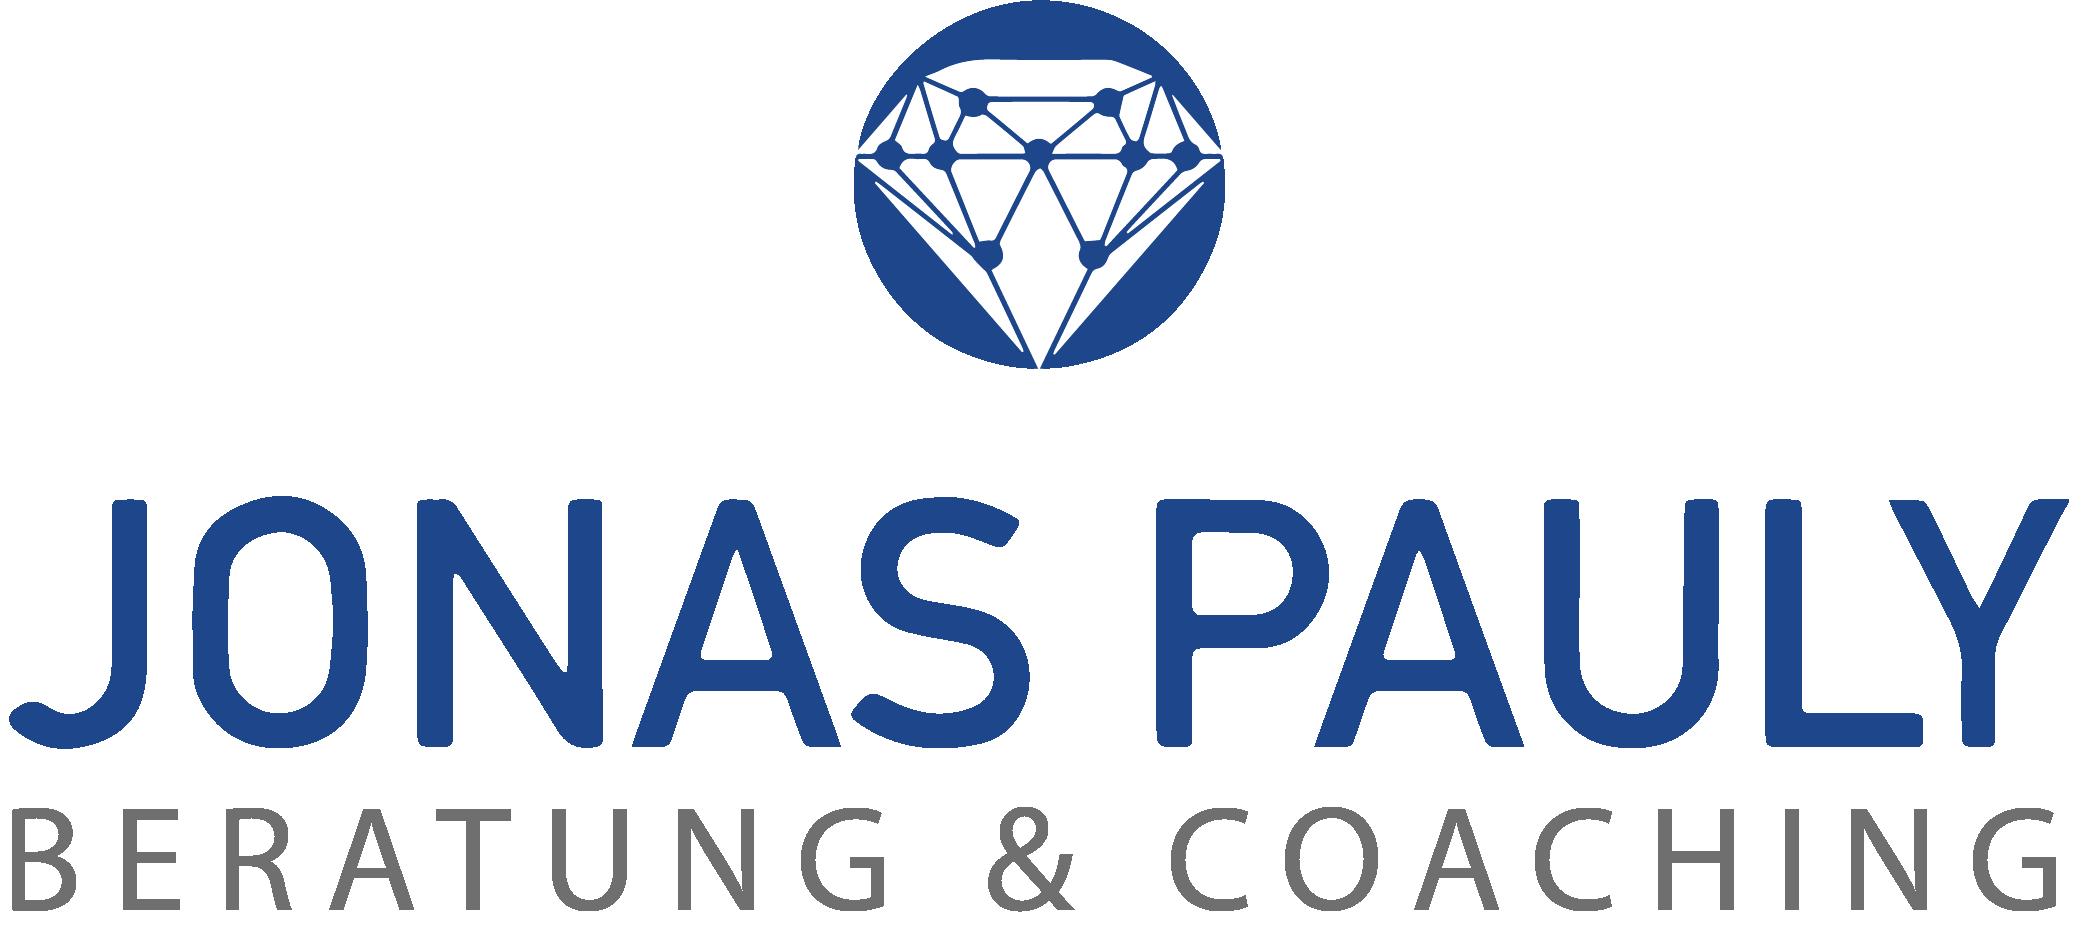 Jonas Pauly – Beratung & Coaching